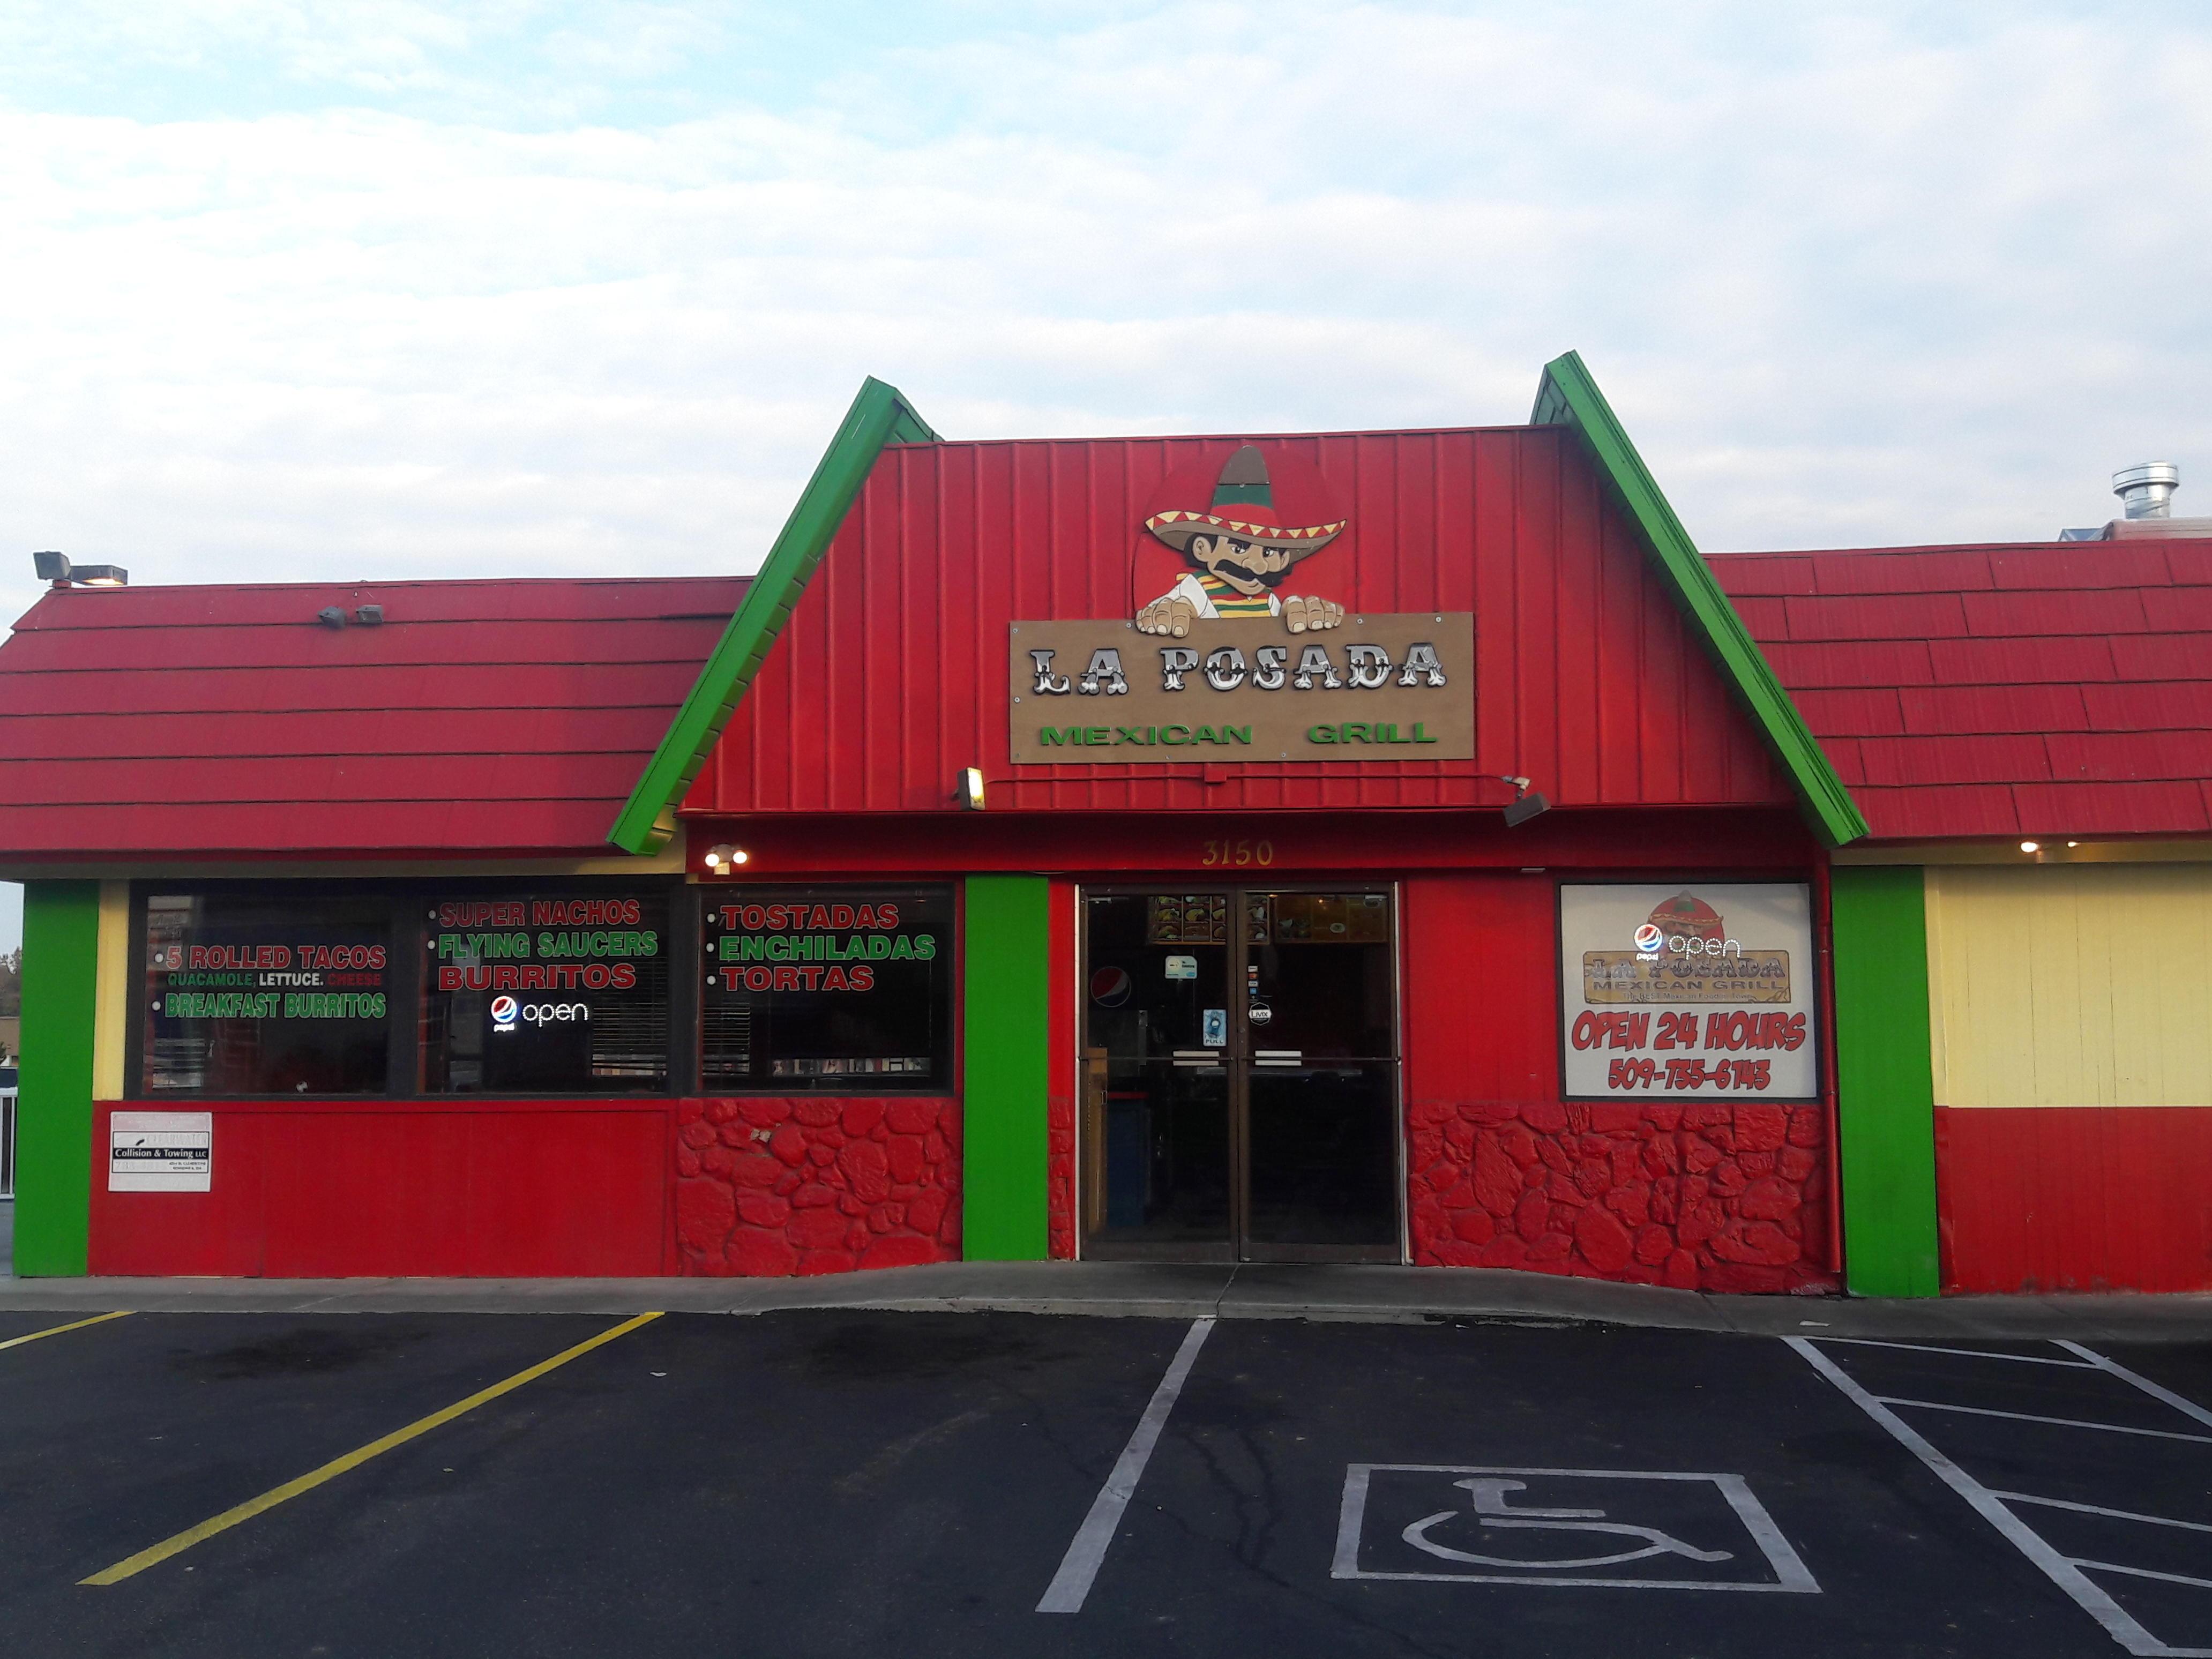 La Posada Mexican Grill image 2